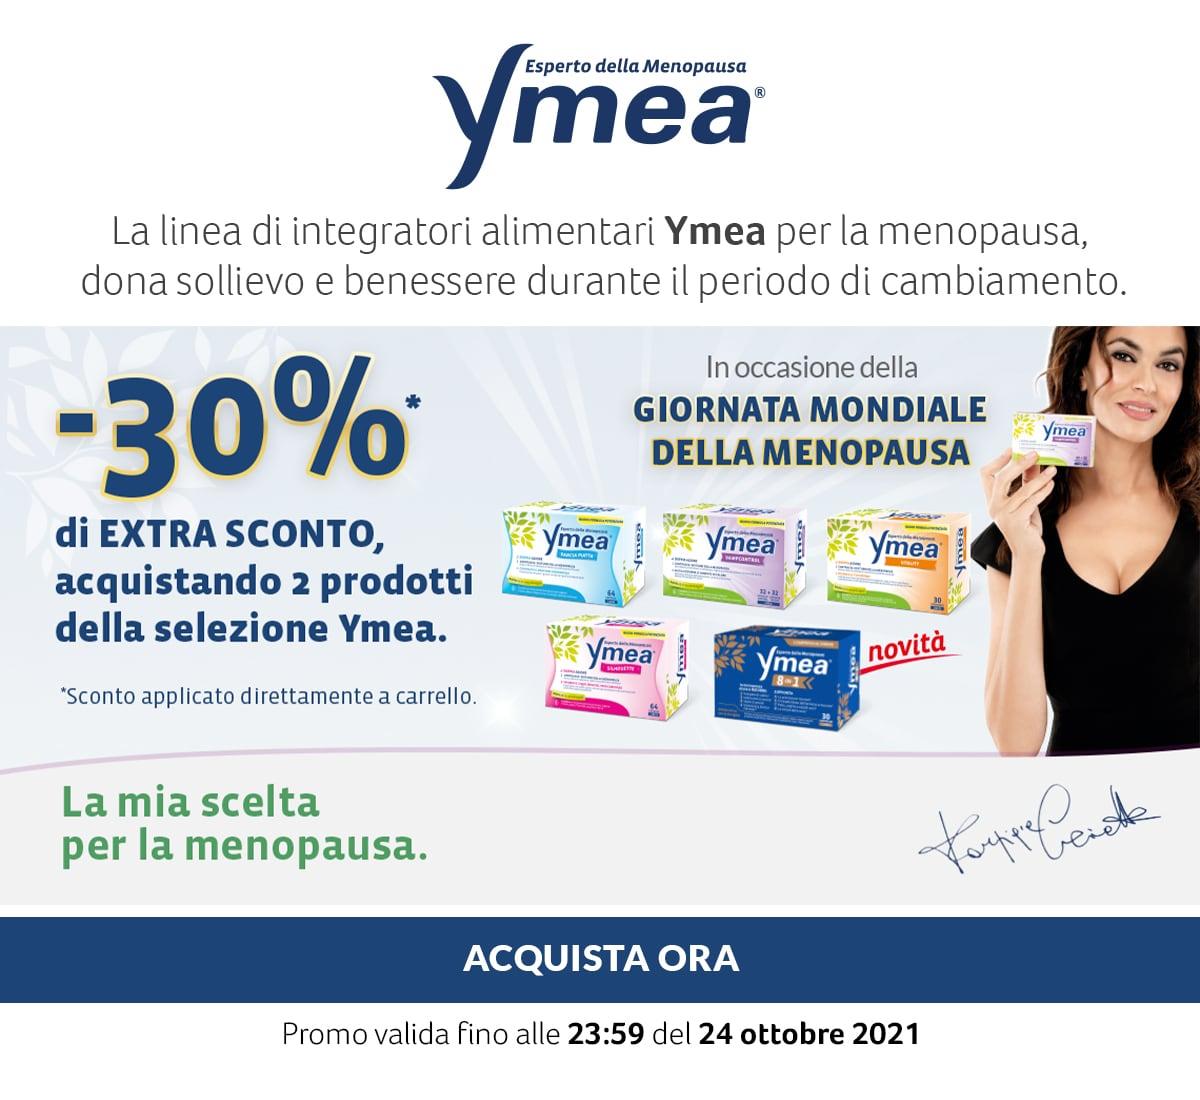 Ymea. -30% di Extra Sconto acquistando 2 prodotti della selezione